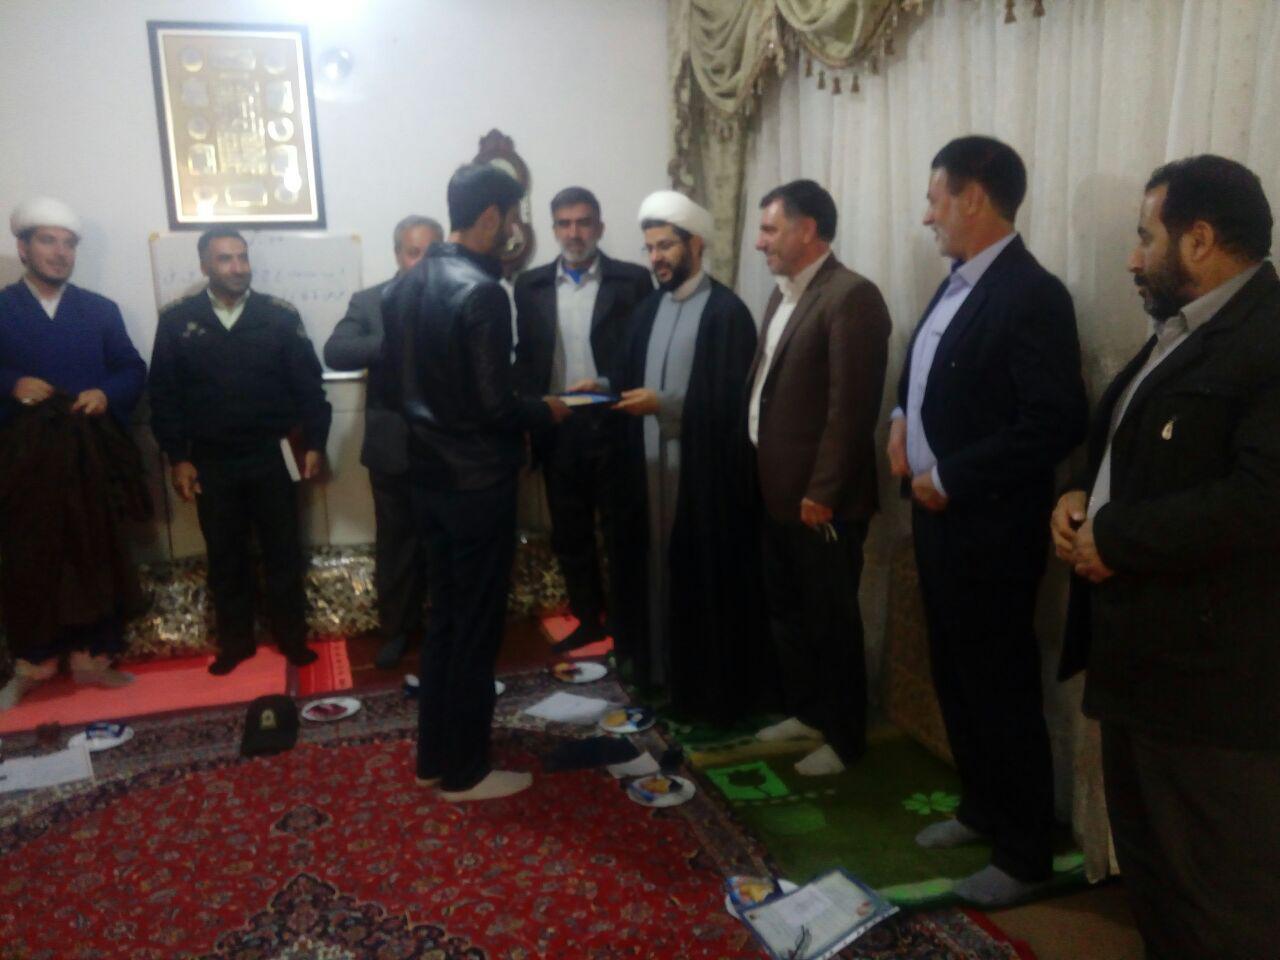 اهدای لوح تقدیر توسط گروه صابرین به امام جمعه محترم شهر قهدریجان در جلسه ستاد نماز جمعه